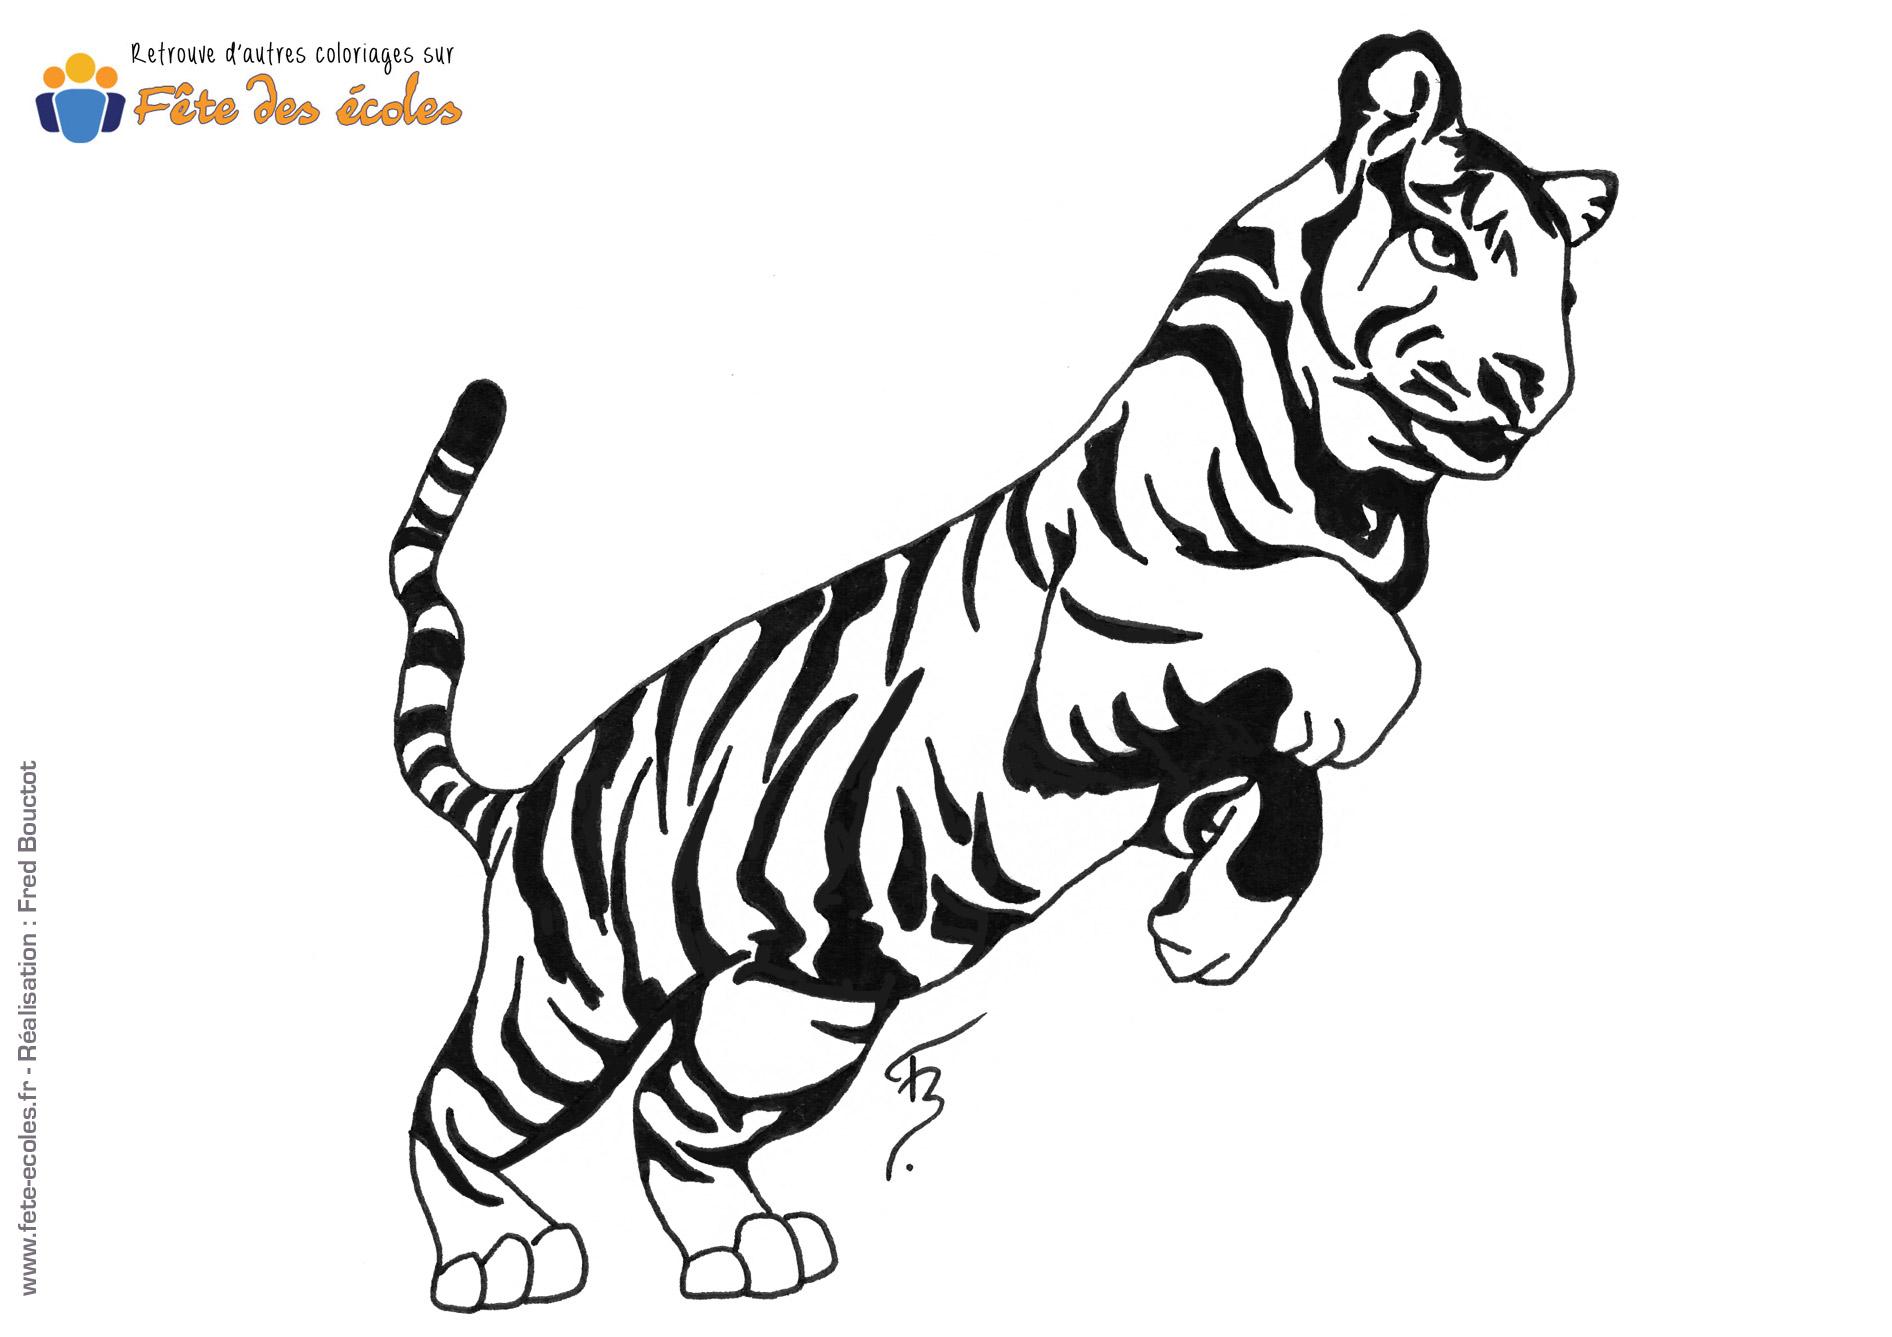 Coloriage d'un tigre qui saute